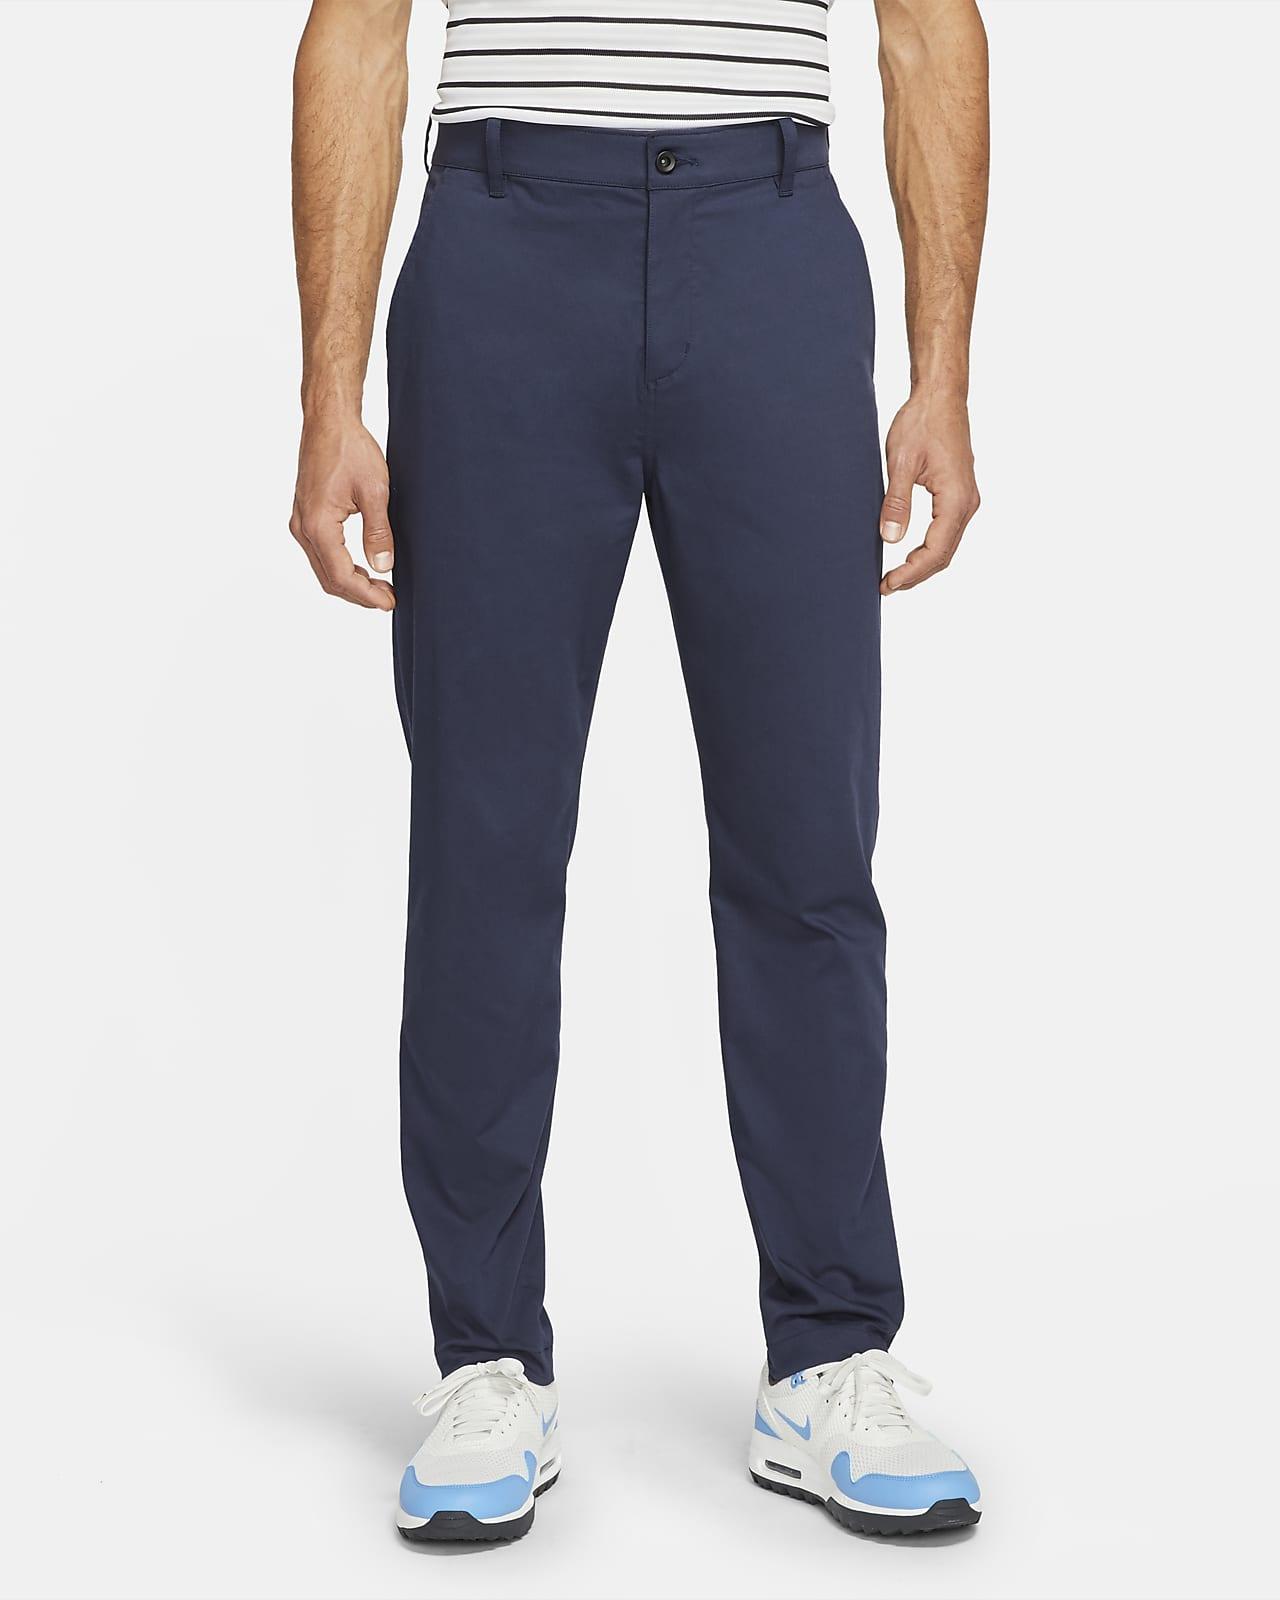 Calças de golfe de corte estreito estilo chino Nike Dri-FIT UV para homem